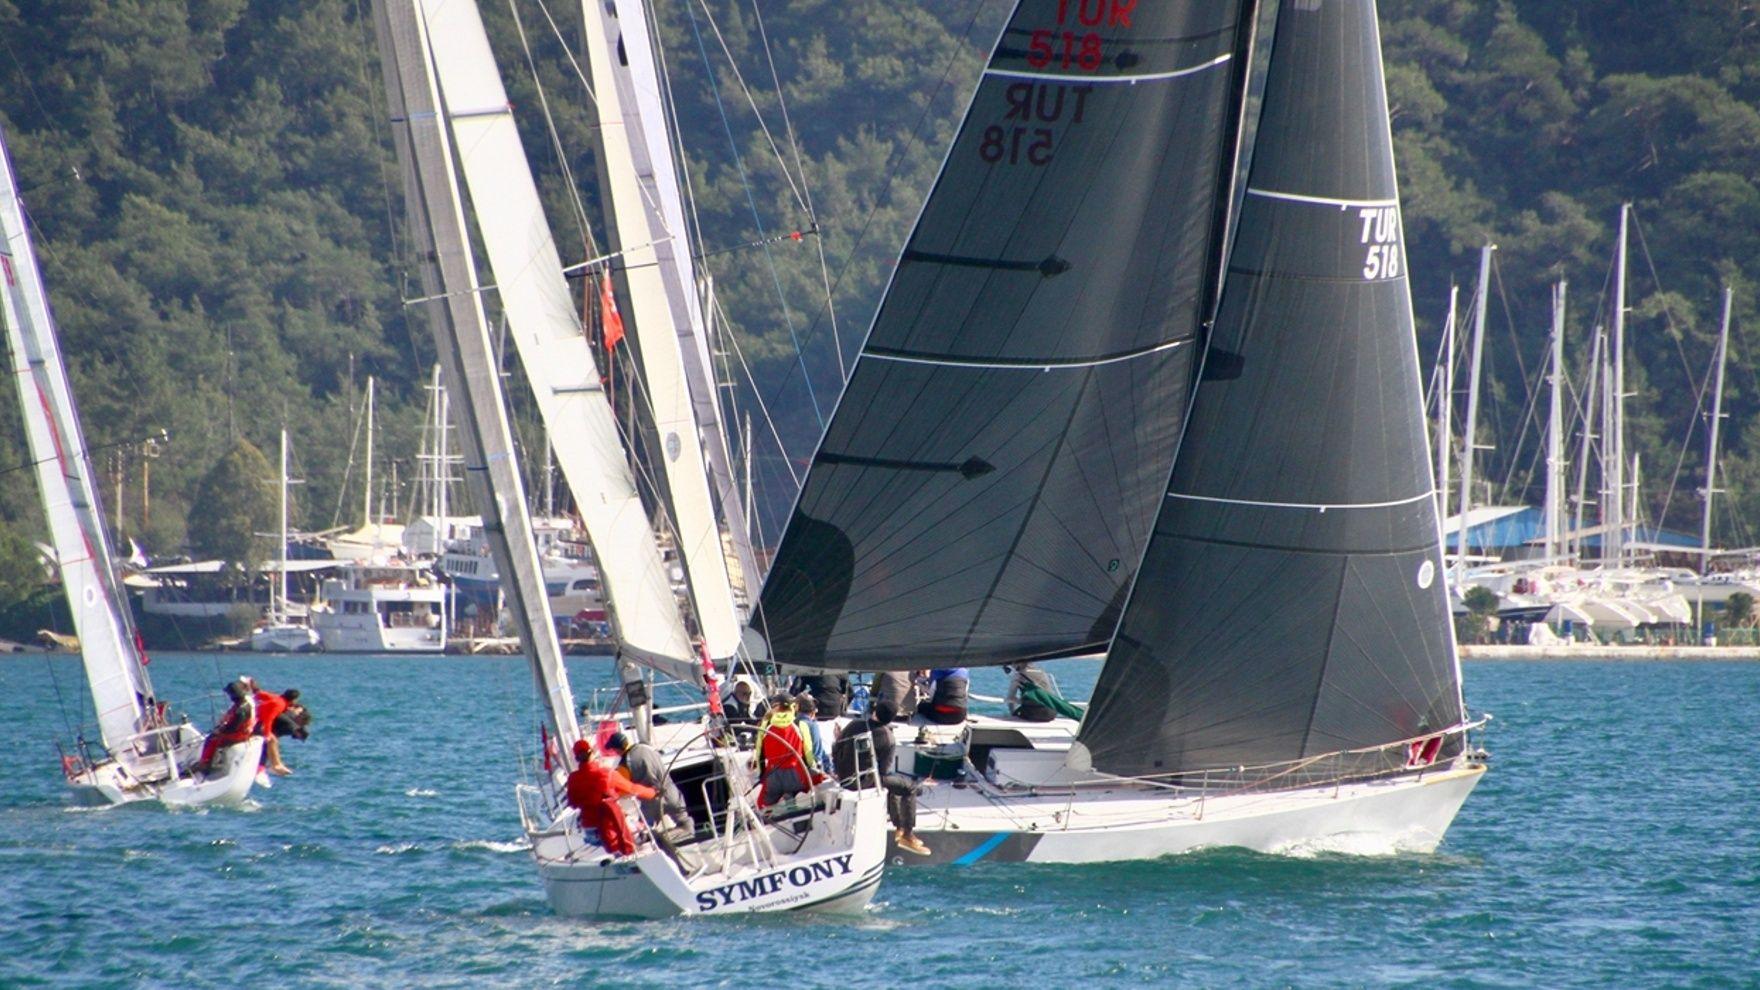 The Channel regatta